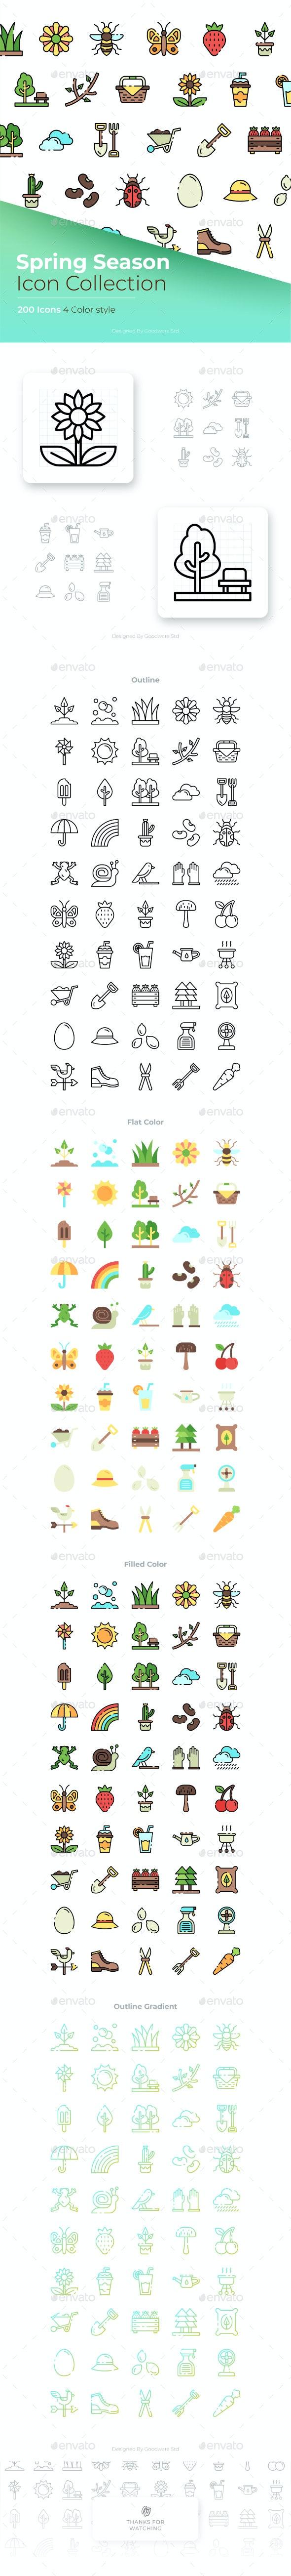 Spring Season Icon - Seasonal Icons